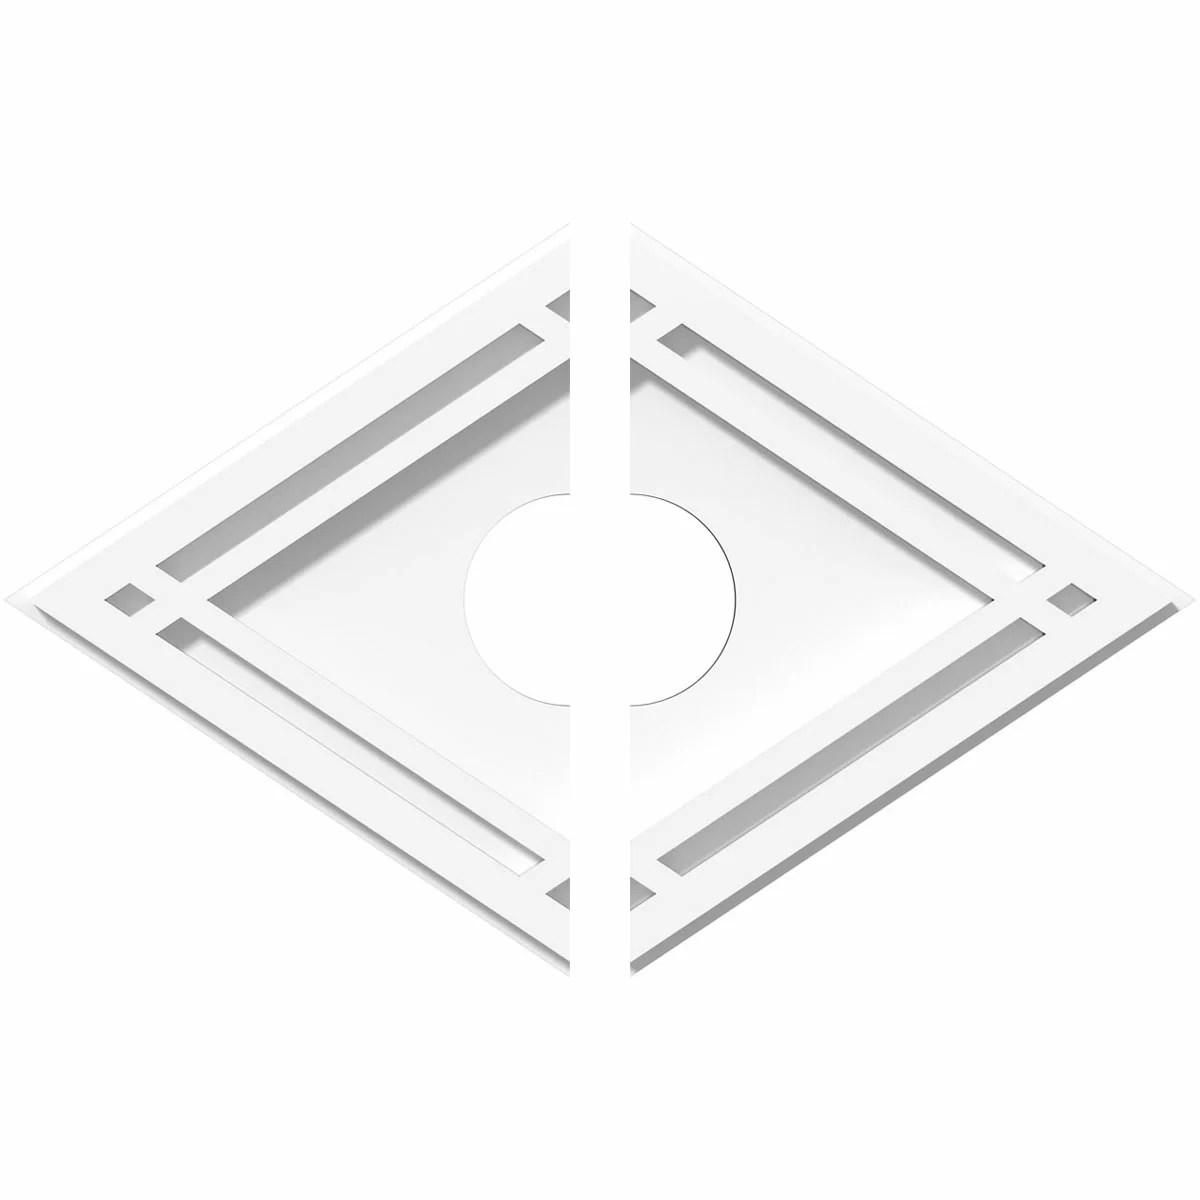 Ekena Millwork Diamond Architectural Grade Pvc Ceiling